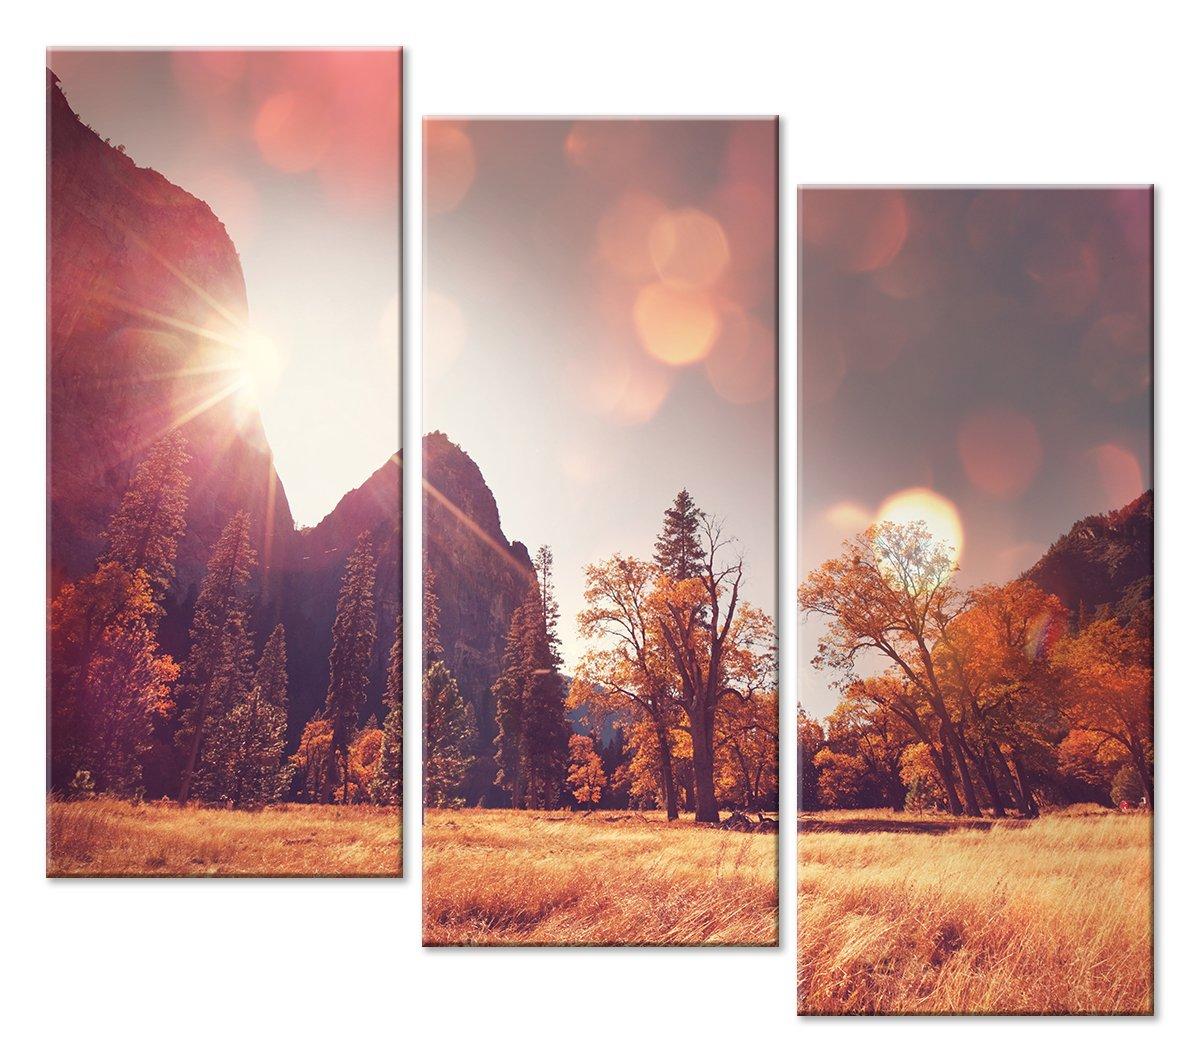 Модульная картина «Блики осени»Природа<br>Модульная картина на натуральном холсте и деревянном подрамнике. Подвес в комплекте. Трехслойная надежная упаковка. Доставим в любую точку России. Вам осталось только повесить картину на стену!<br>